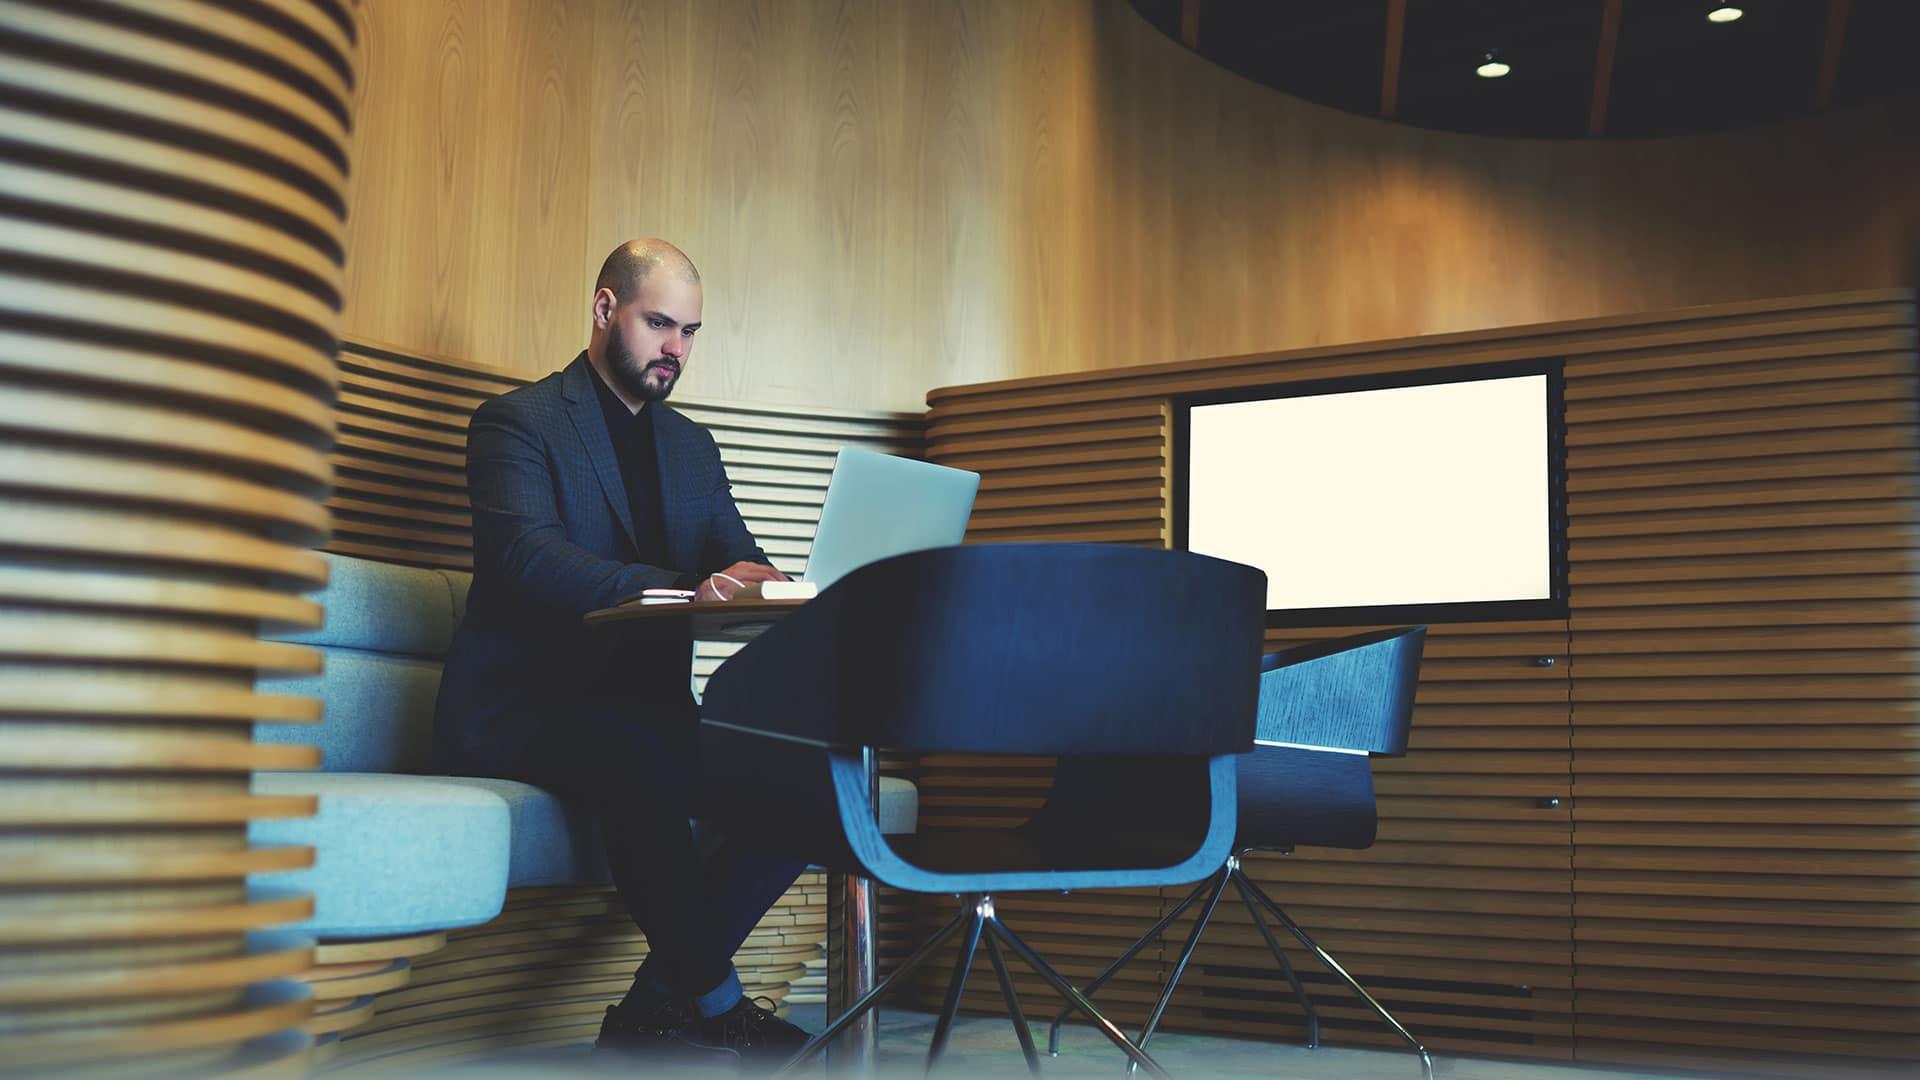 תקציר מנהלים (one pager) שידבר אל משקיעים